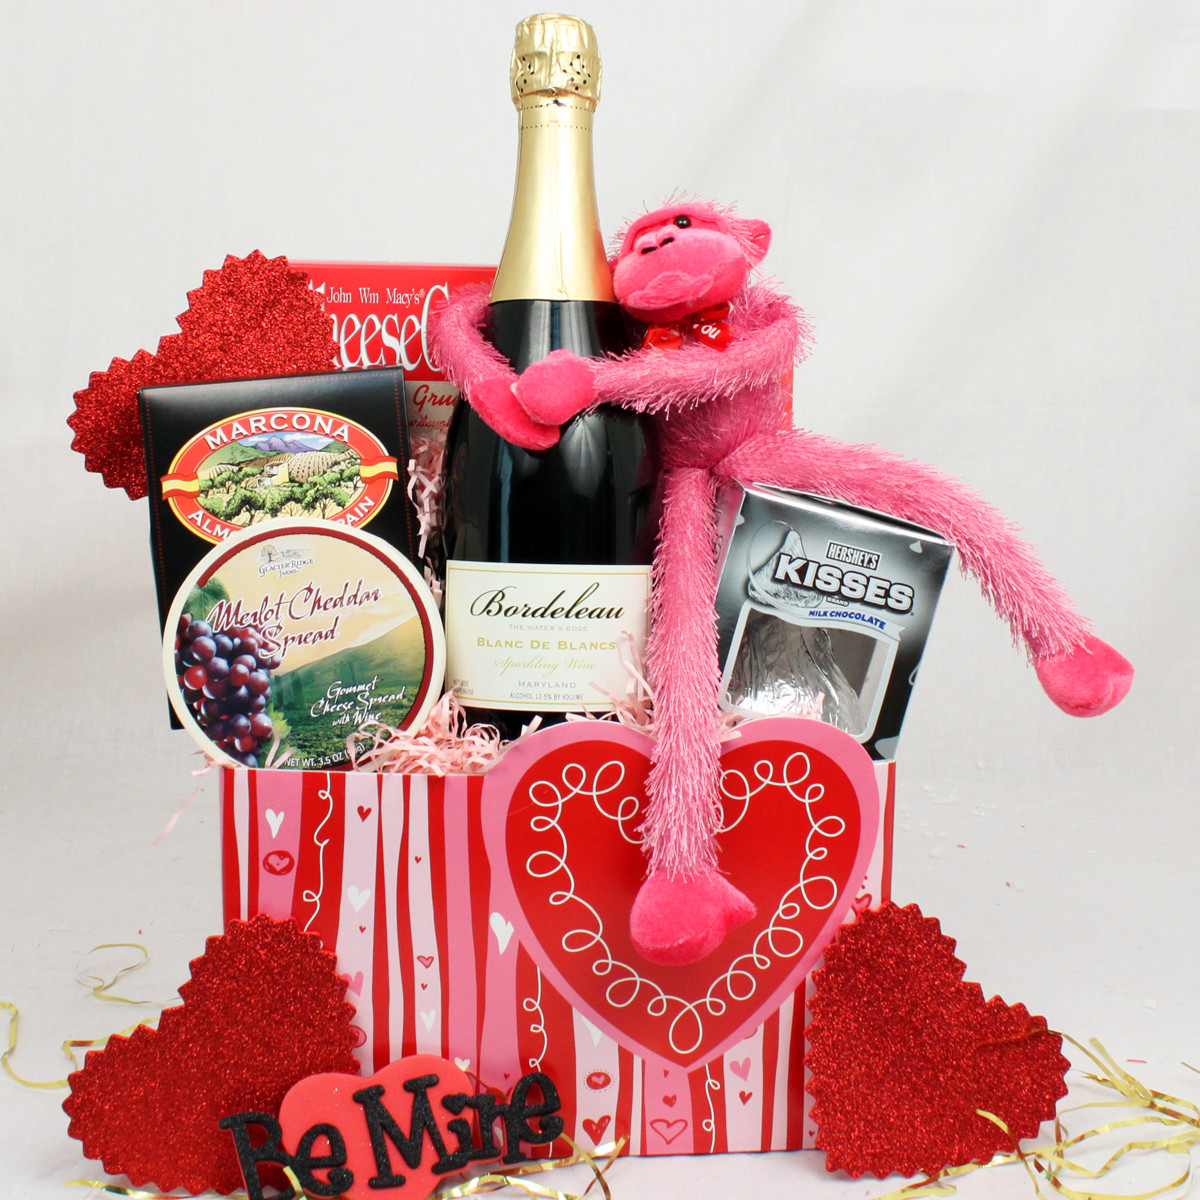 Valentines Day Gift Basket Ideas  Valentine Gift Baskets Ideas InspirationSeek